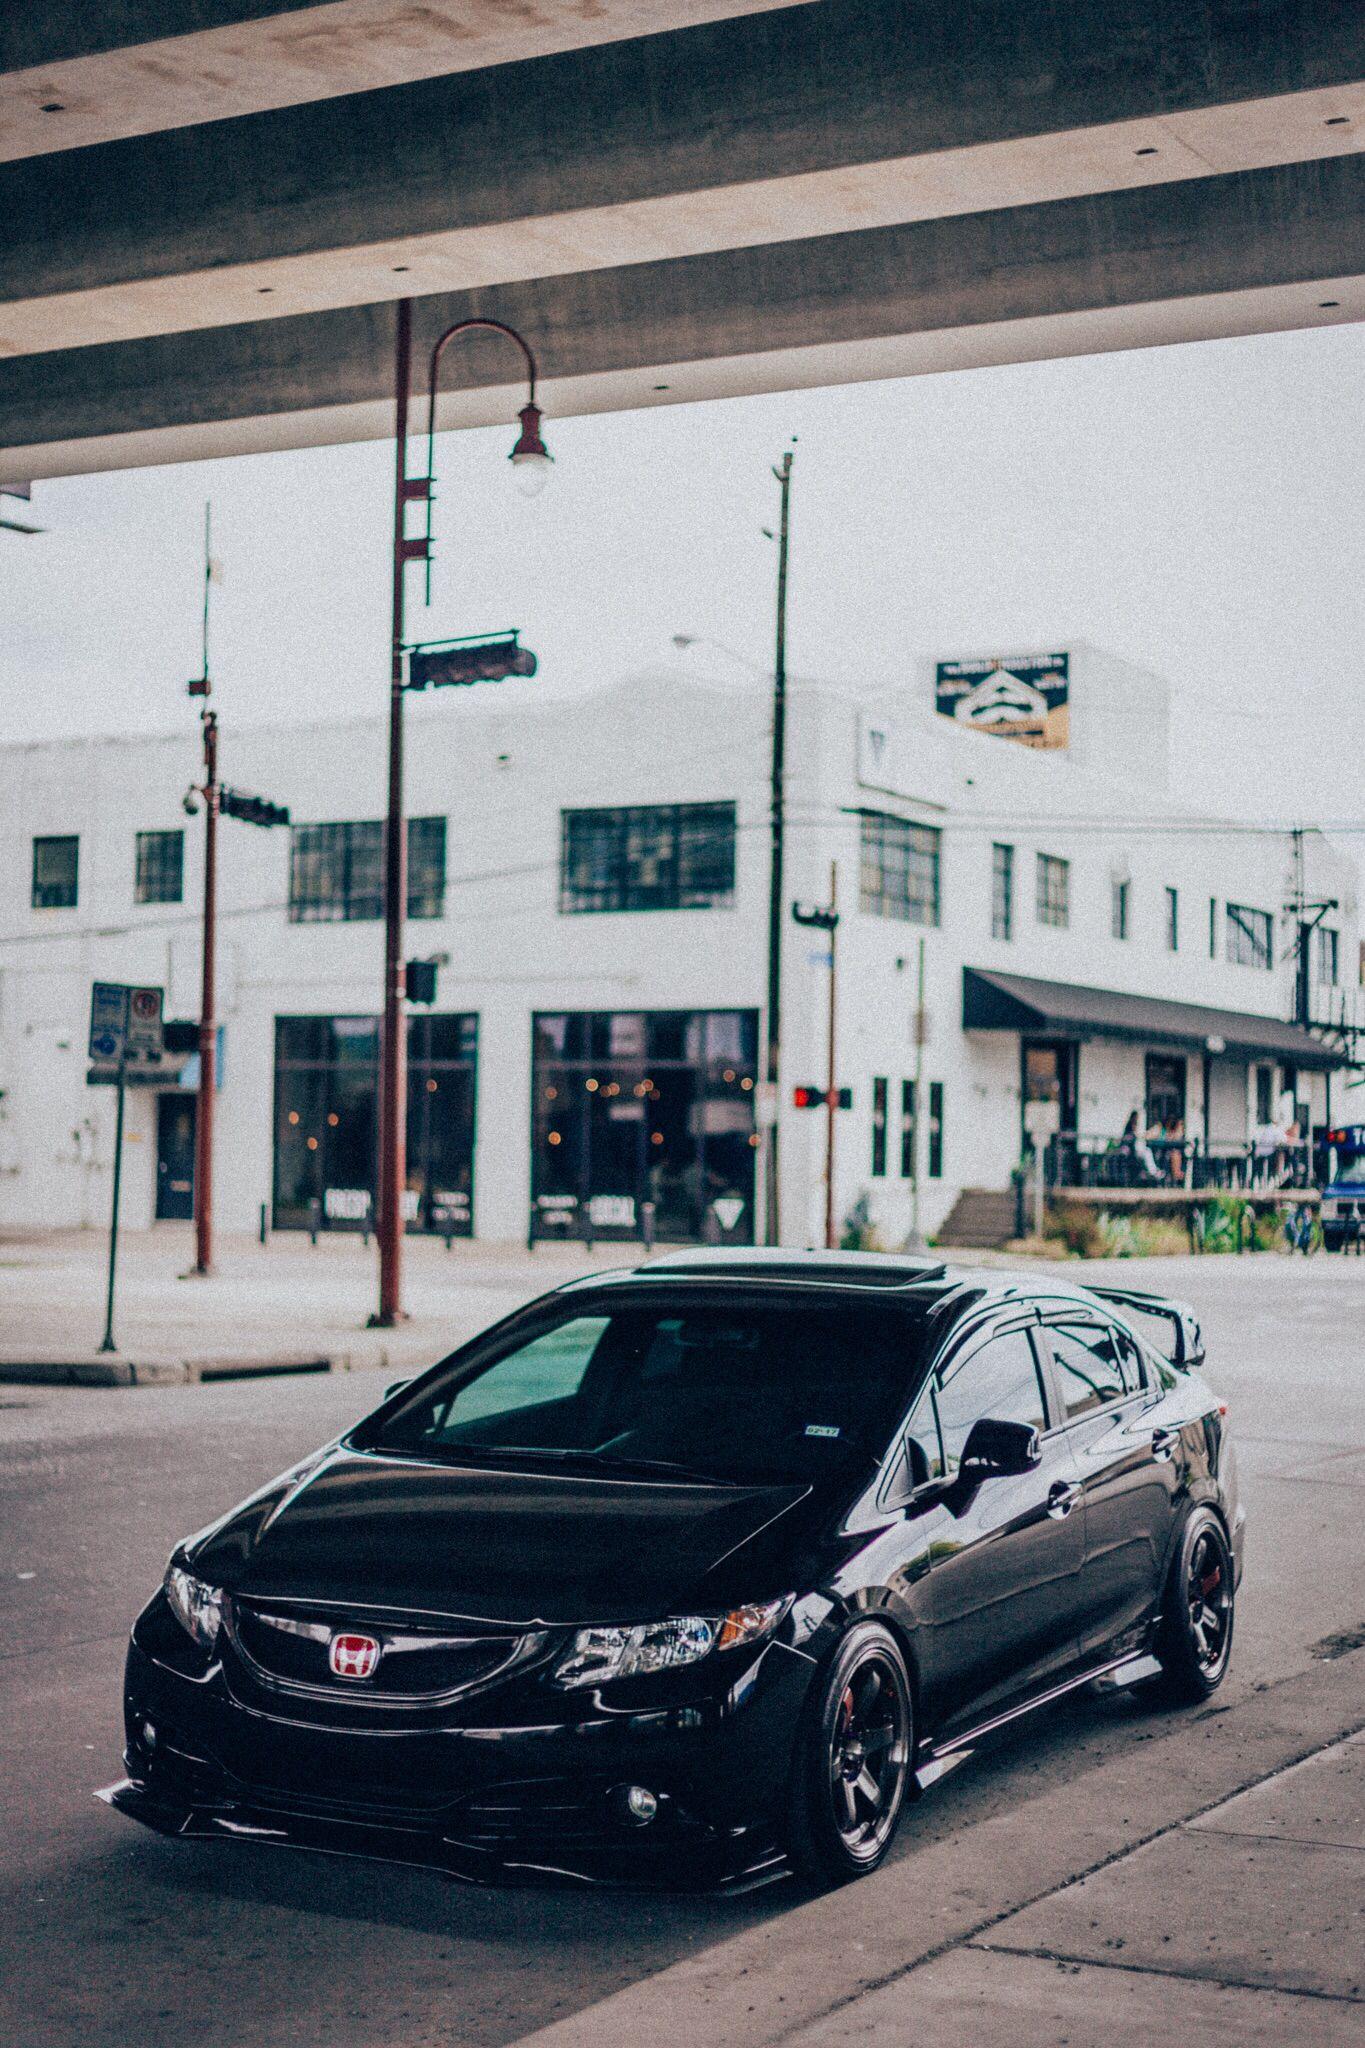 Honda Civic Modificado : honda, civic, modificado, Ideas, Honda, Civic, Civic,